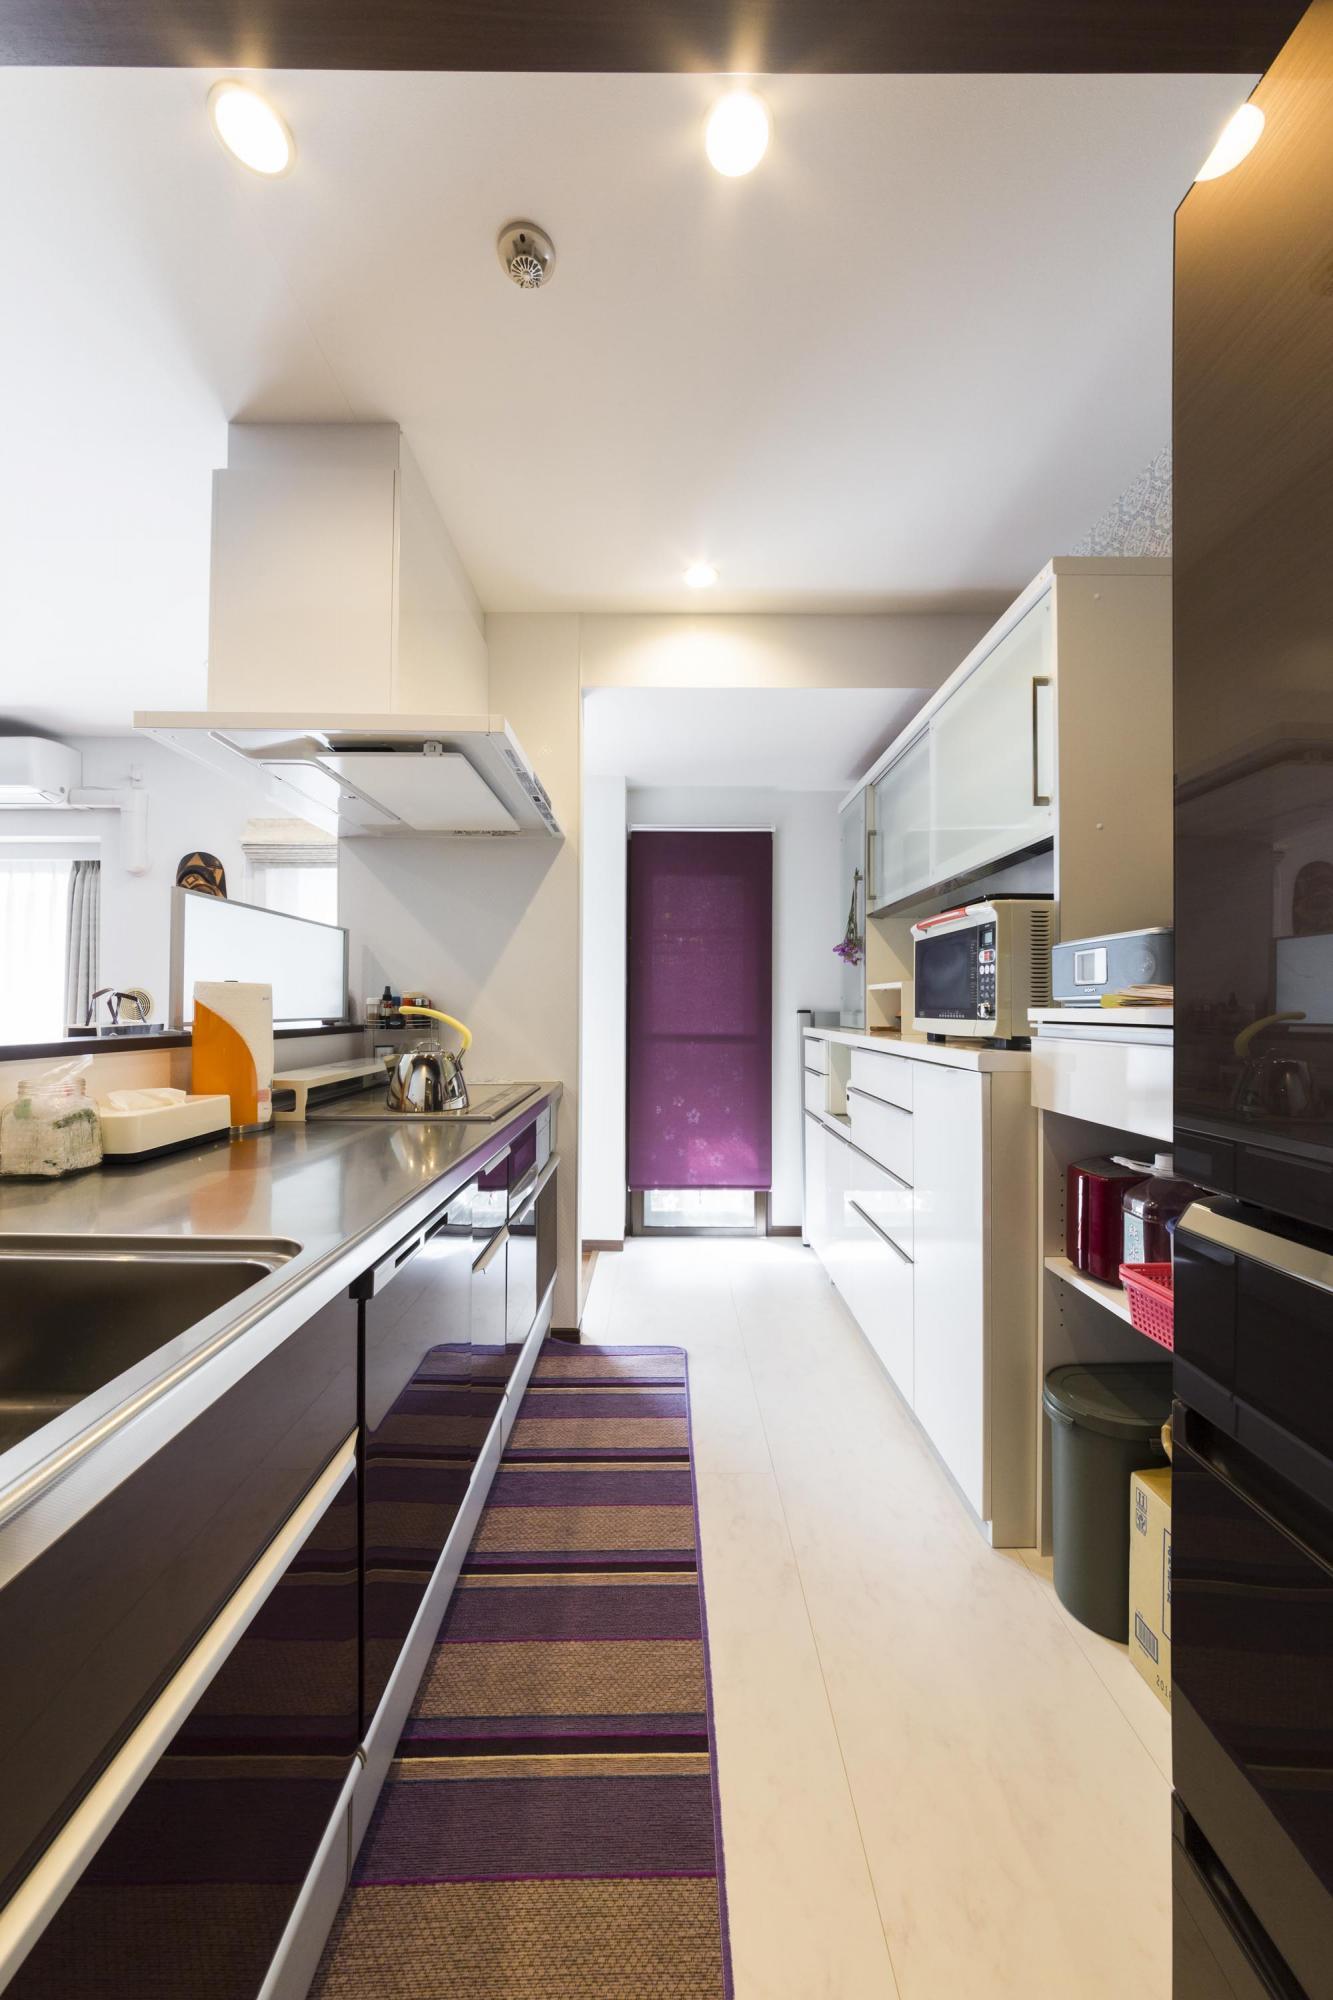 キッチンの壁側には収納スペースを確保。キッチンからすぐにバルコニーに出られるので、不要なものの一時保管なども効率よくできる